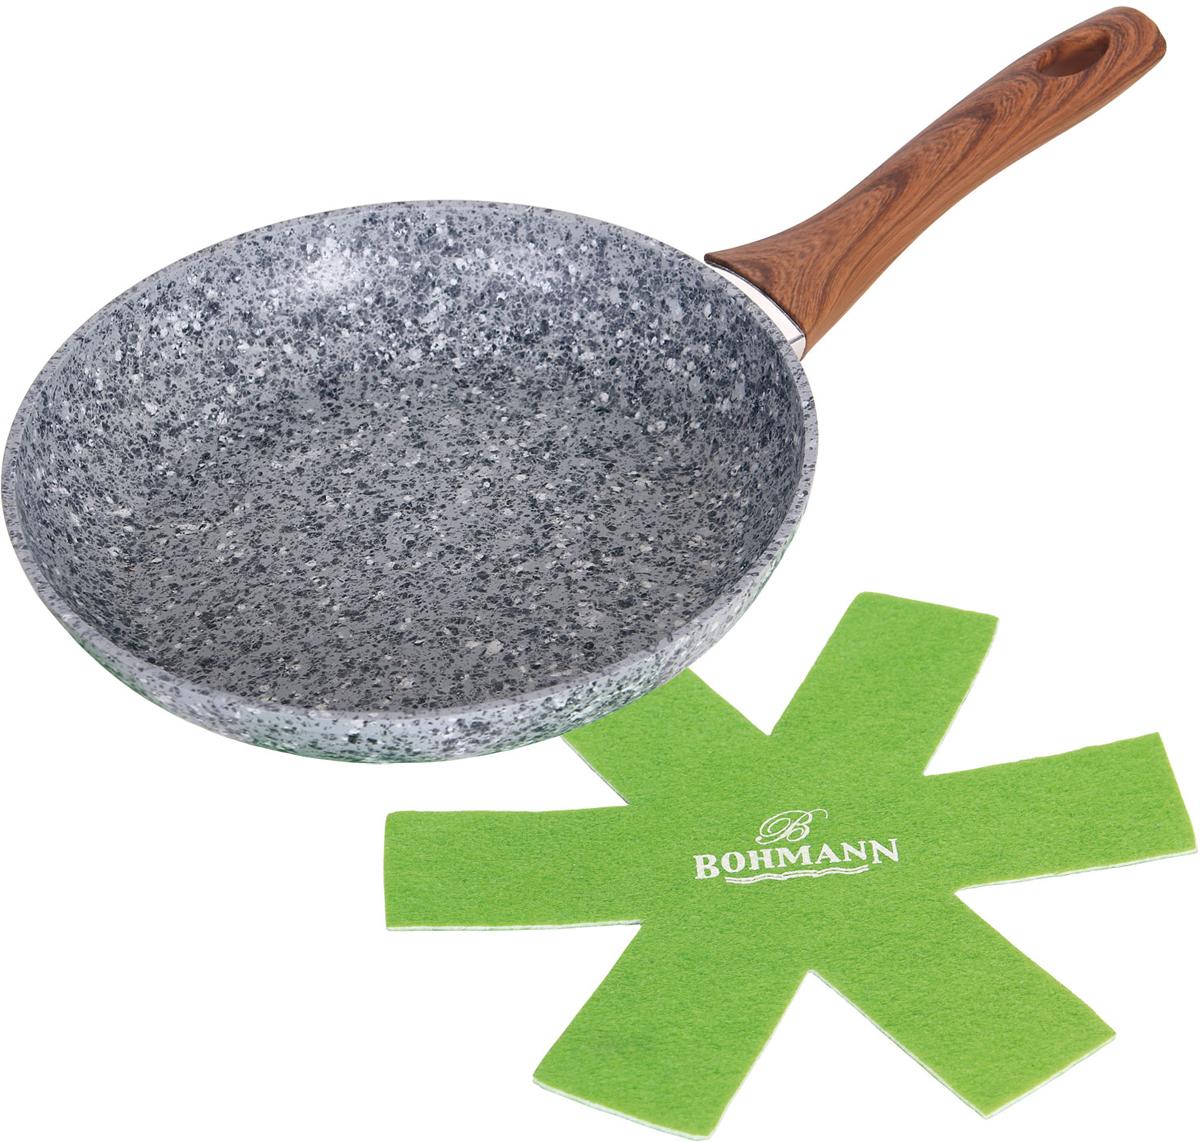 """Сковорода """"Bohmann"""" выполнена из алюминия. Сковорода имеет гранитное антипригарное покрытие, поэтому на ней можно жарить или обжаривать с небольшим количеством масла.  Нейлоновый протектор в комплекте.  Подходит для всех типов бытовых плит."""